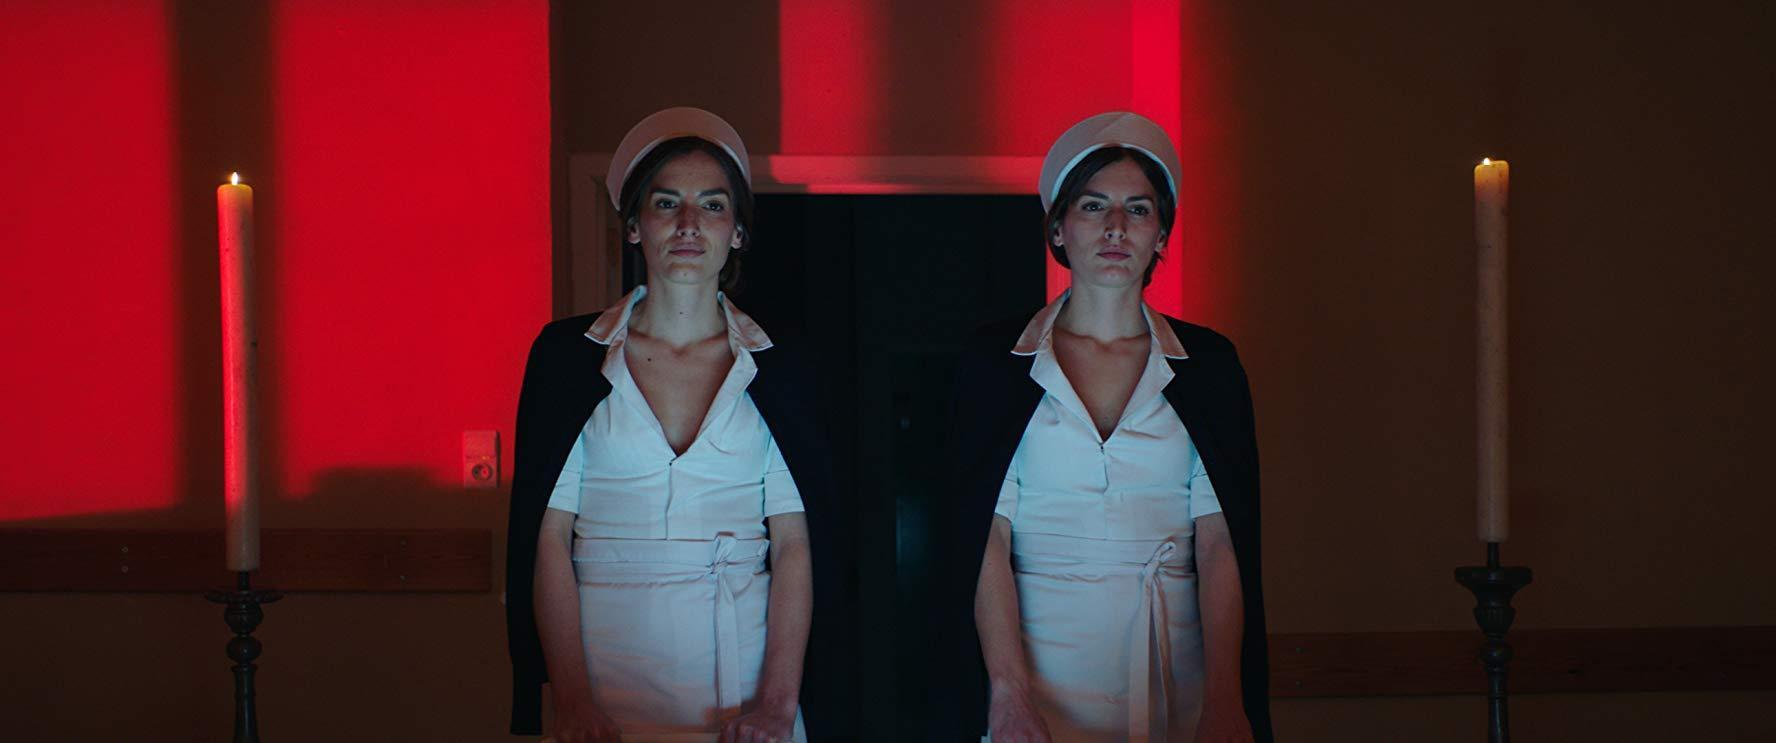 світлини із фильма Фільм - Грай або помри